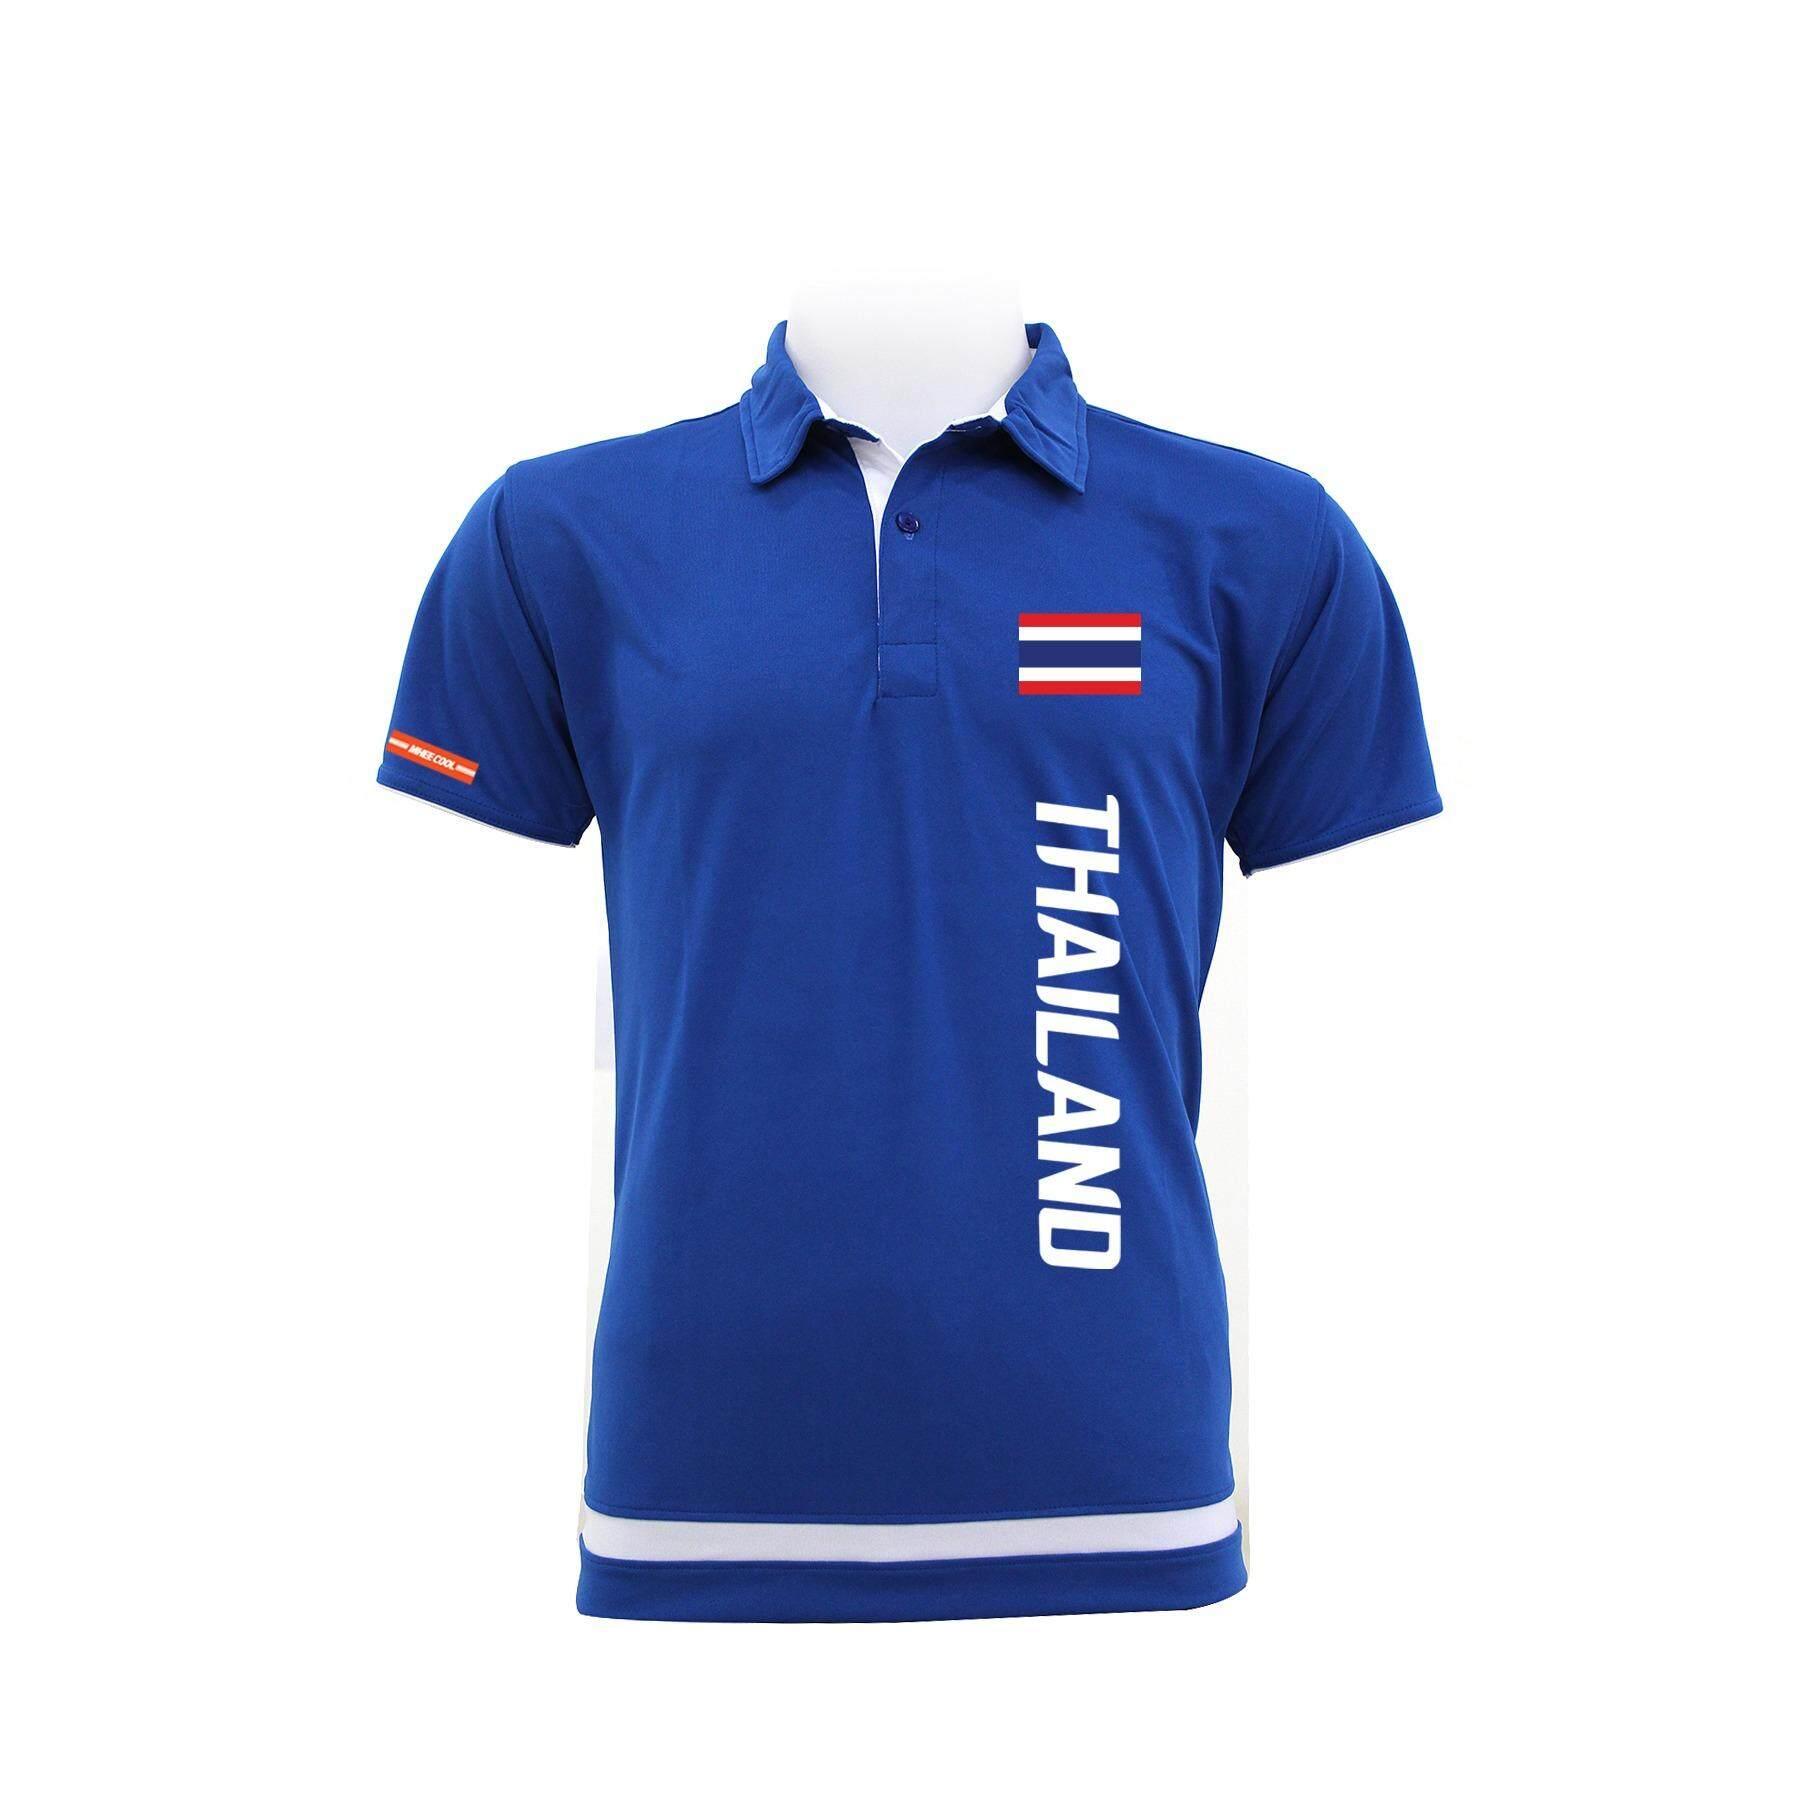 ราคา Mheecool โปโล รุ่น Proสีน้ำเงิน ออนไลน์ กรุงเทพมหานคร